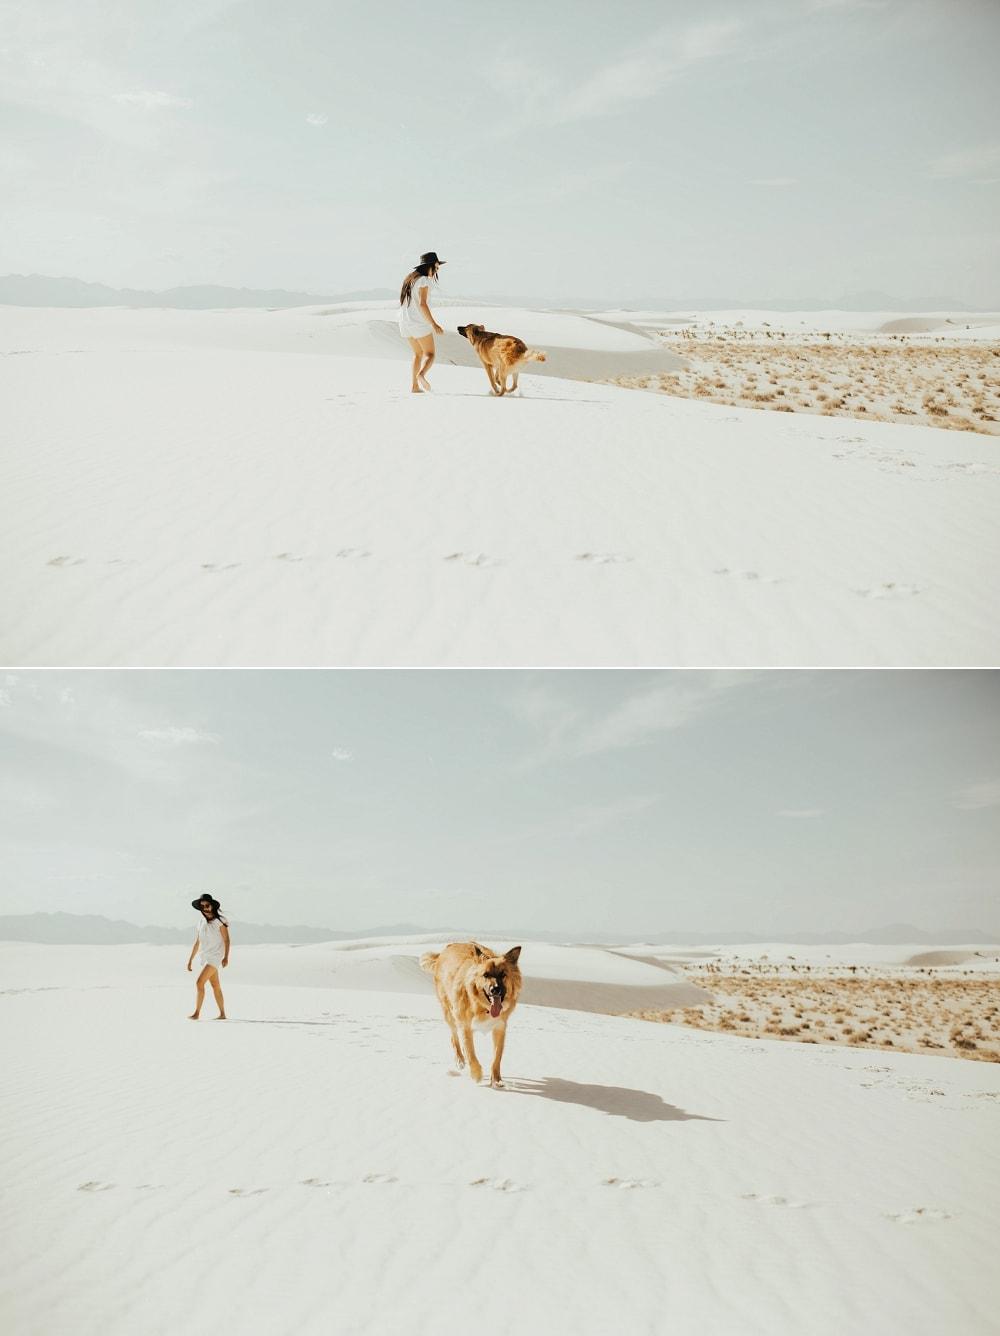 girl running around with dog